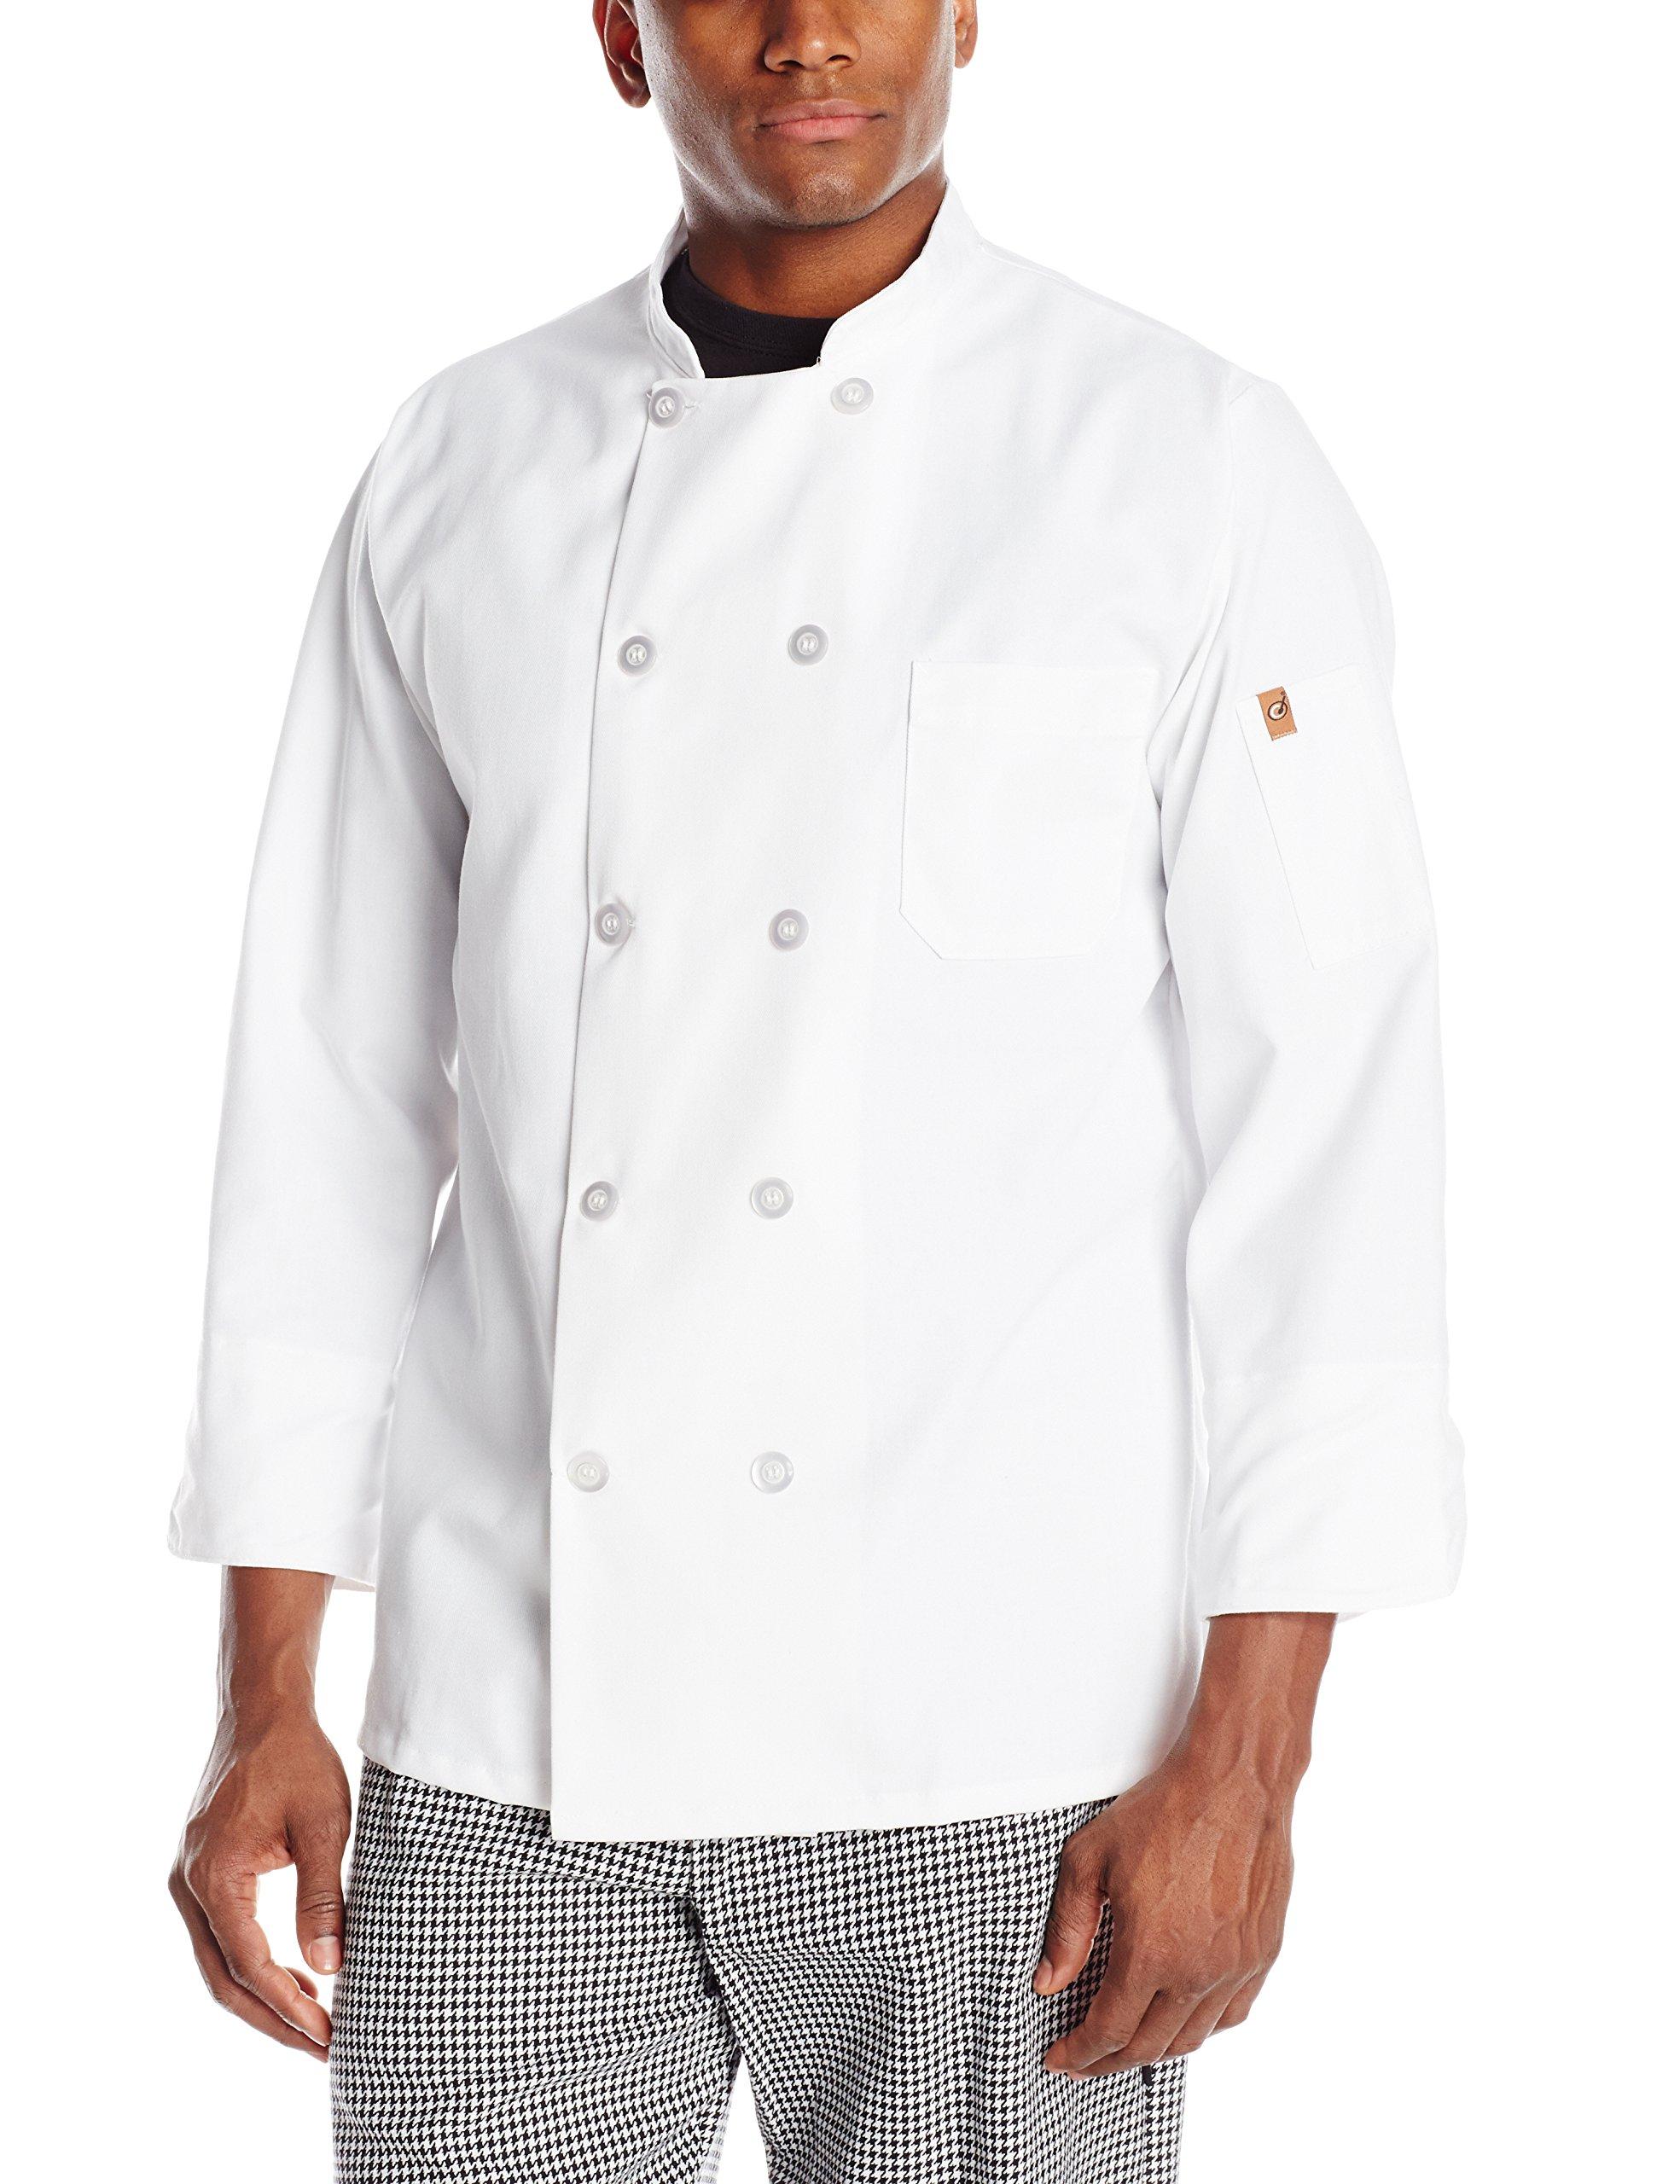 Chef Designs Men's Rk Ten Pearl Button Chef Coat, White, Medium by Chef Designs